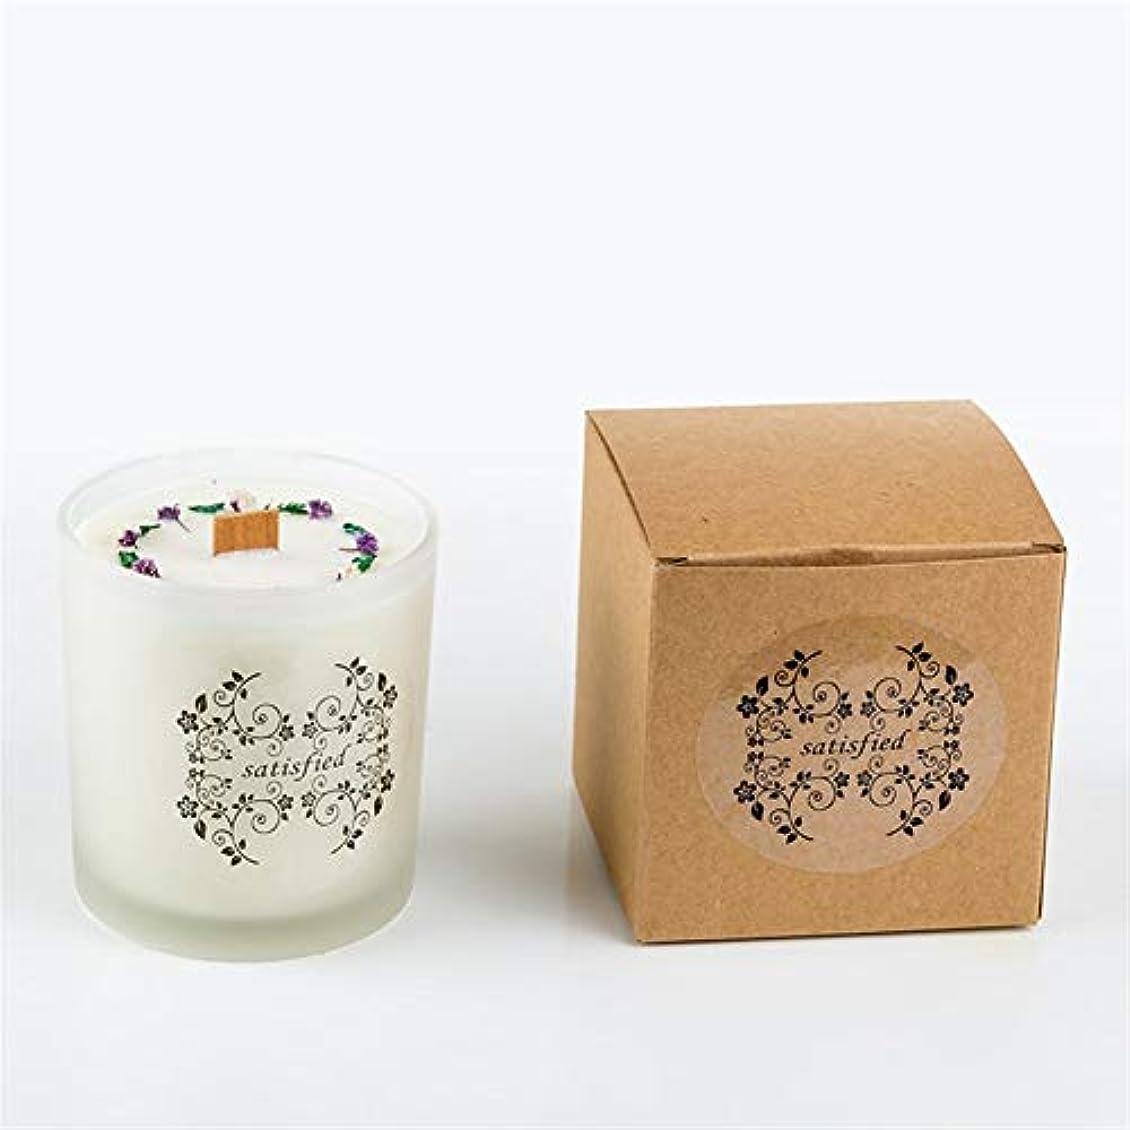 祖先背骨広まったACAO シンプルなソイワックスホワイトフロストガラスボトルビッグドライフラワーサークルアロマセラピー文学結婚式の手配 (色 : Night scent)